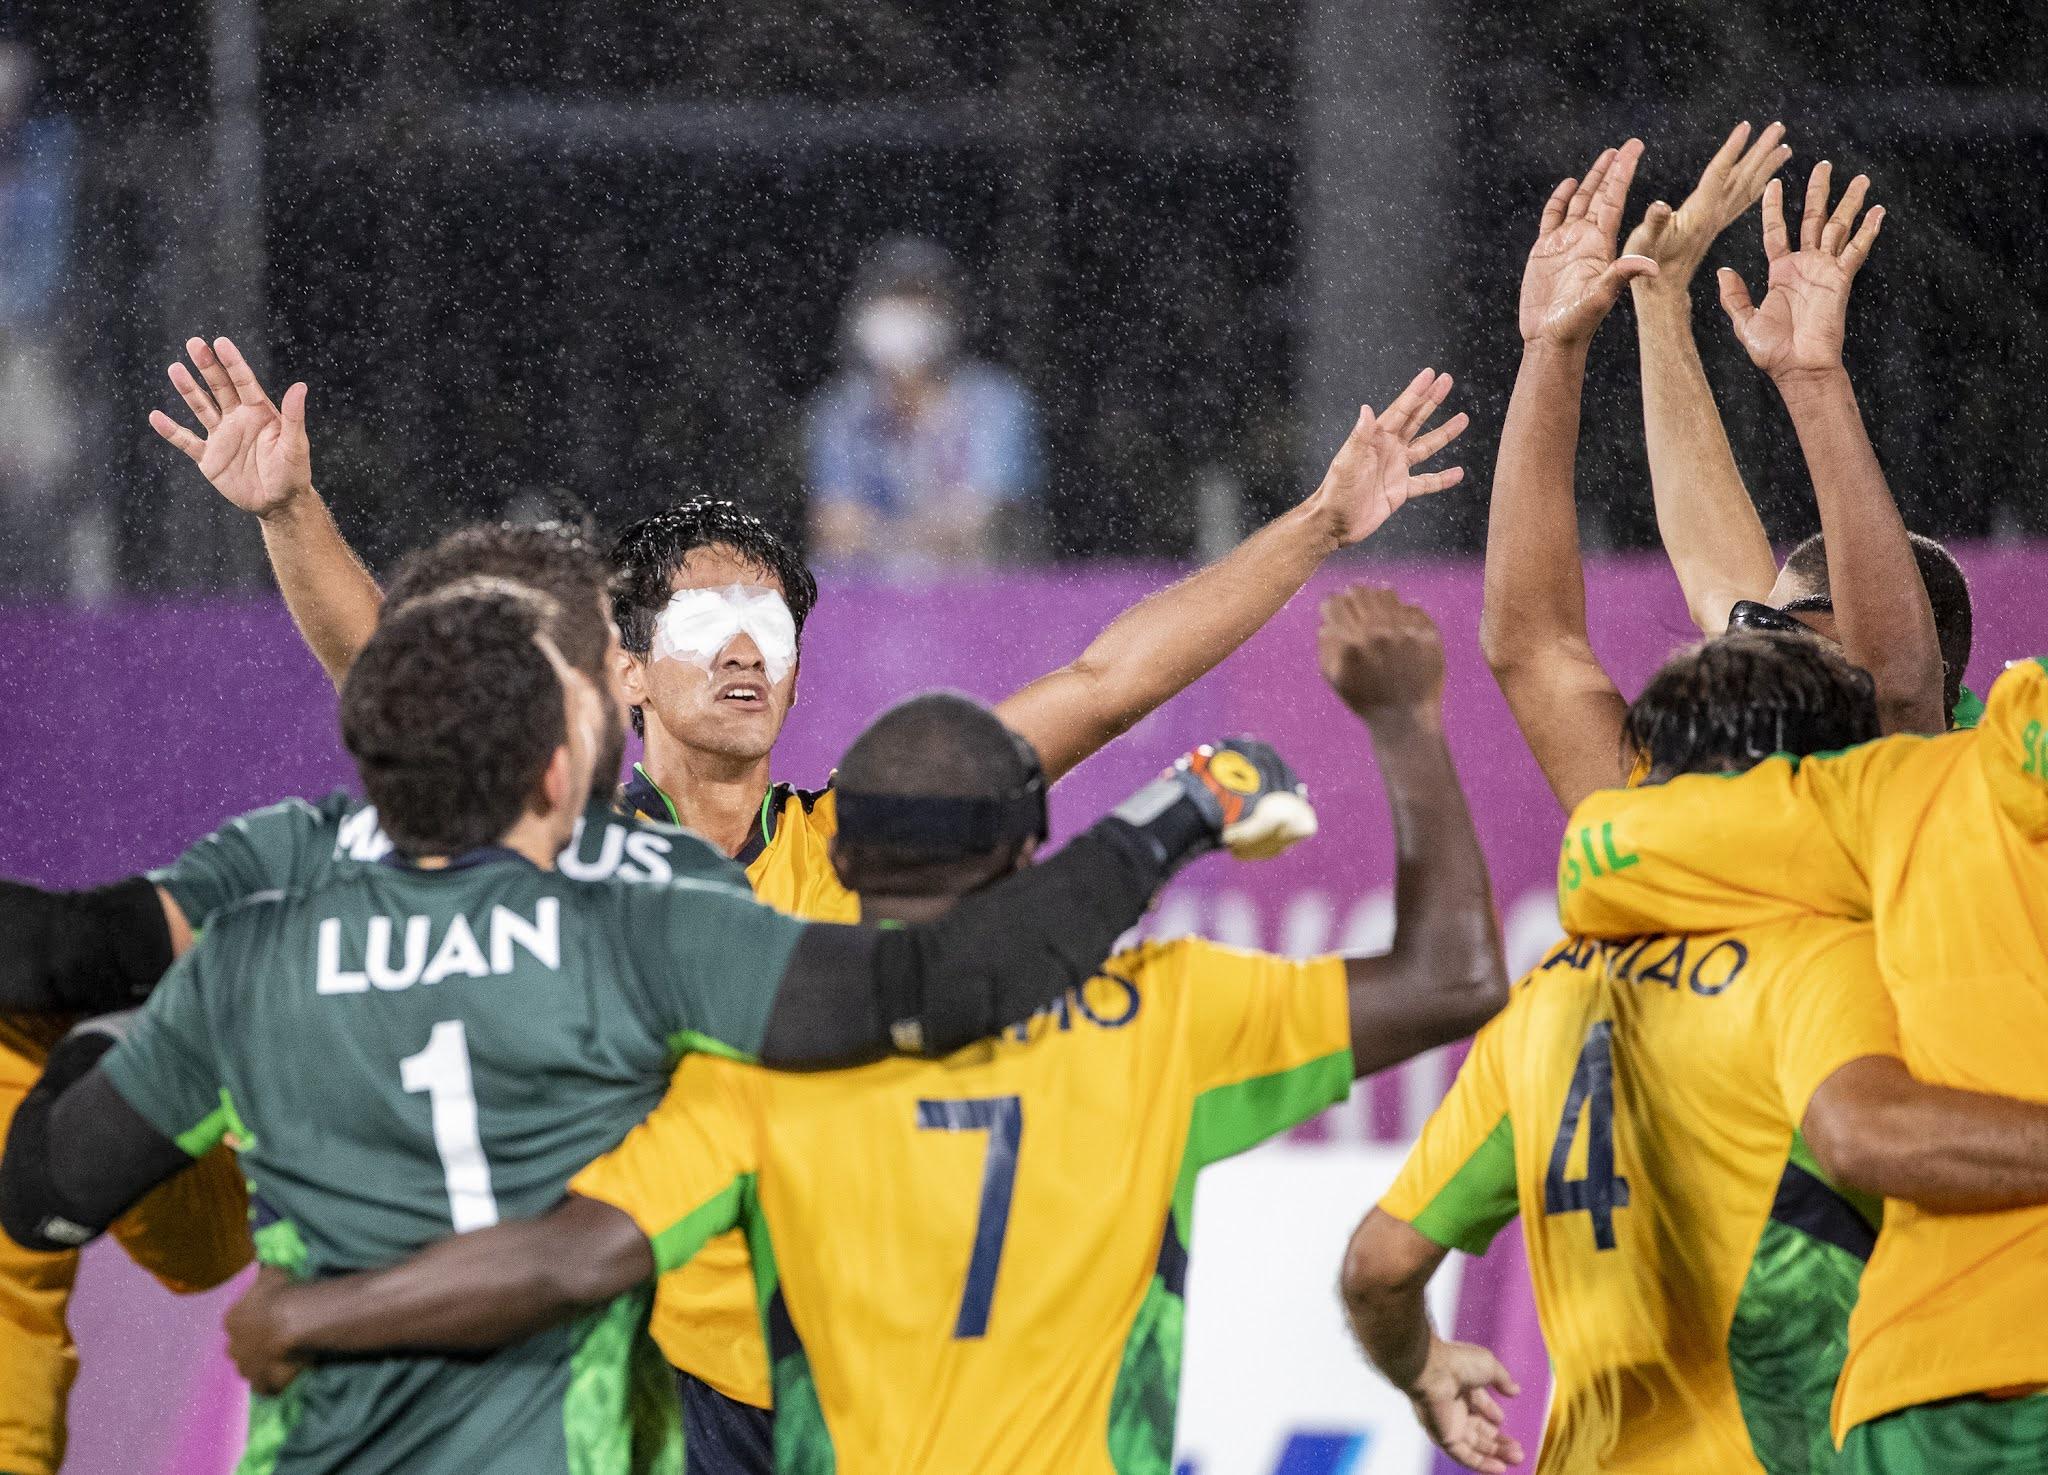 Os jogadores de linha, vestidos de amarelo, mais os goleiros, vestidos de verde, se abraçam debaixo de chuva para comemorar a conquista